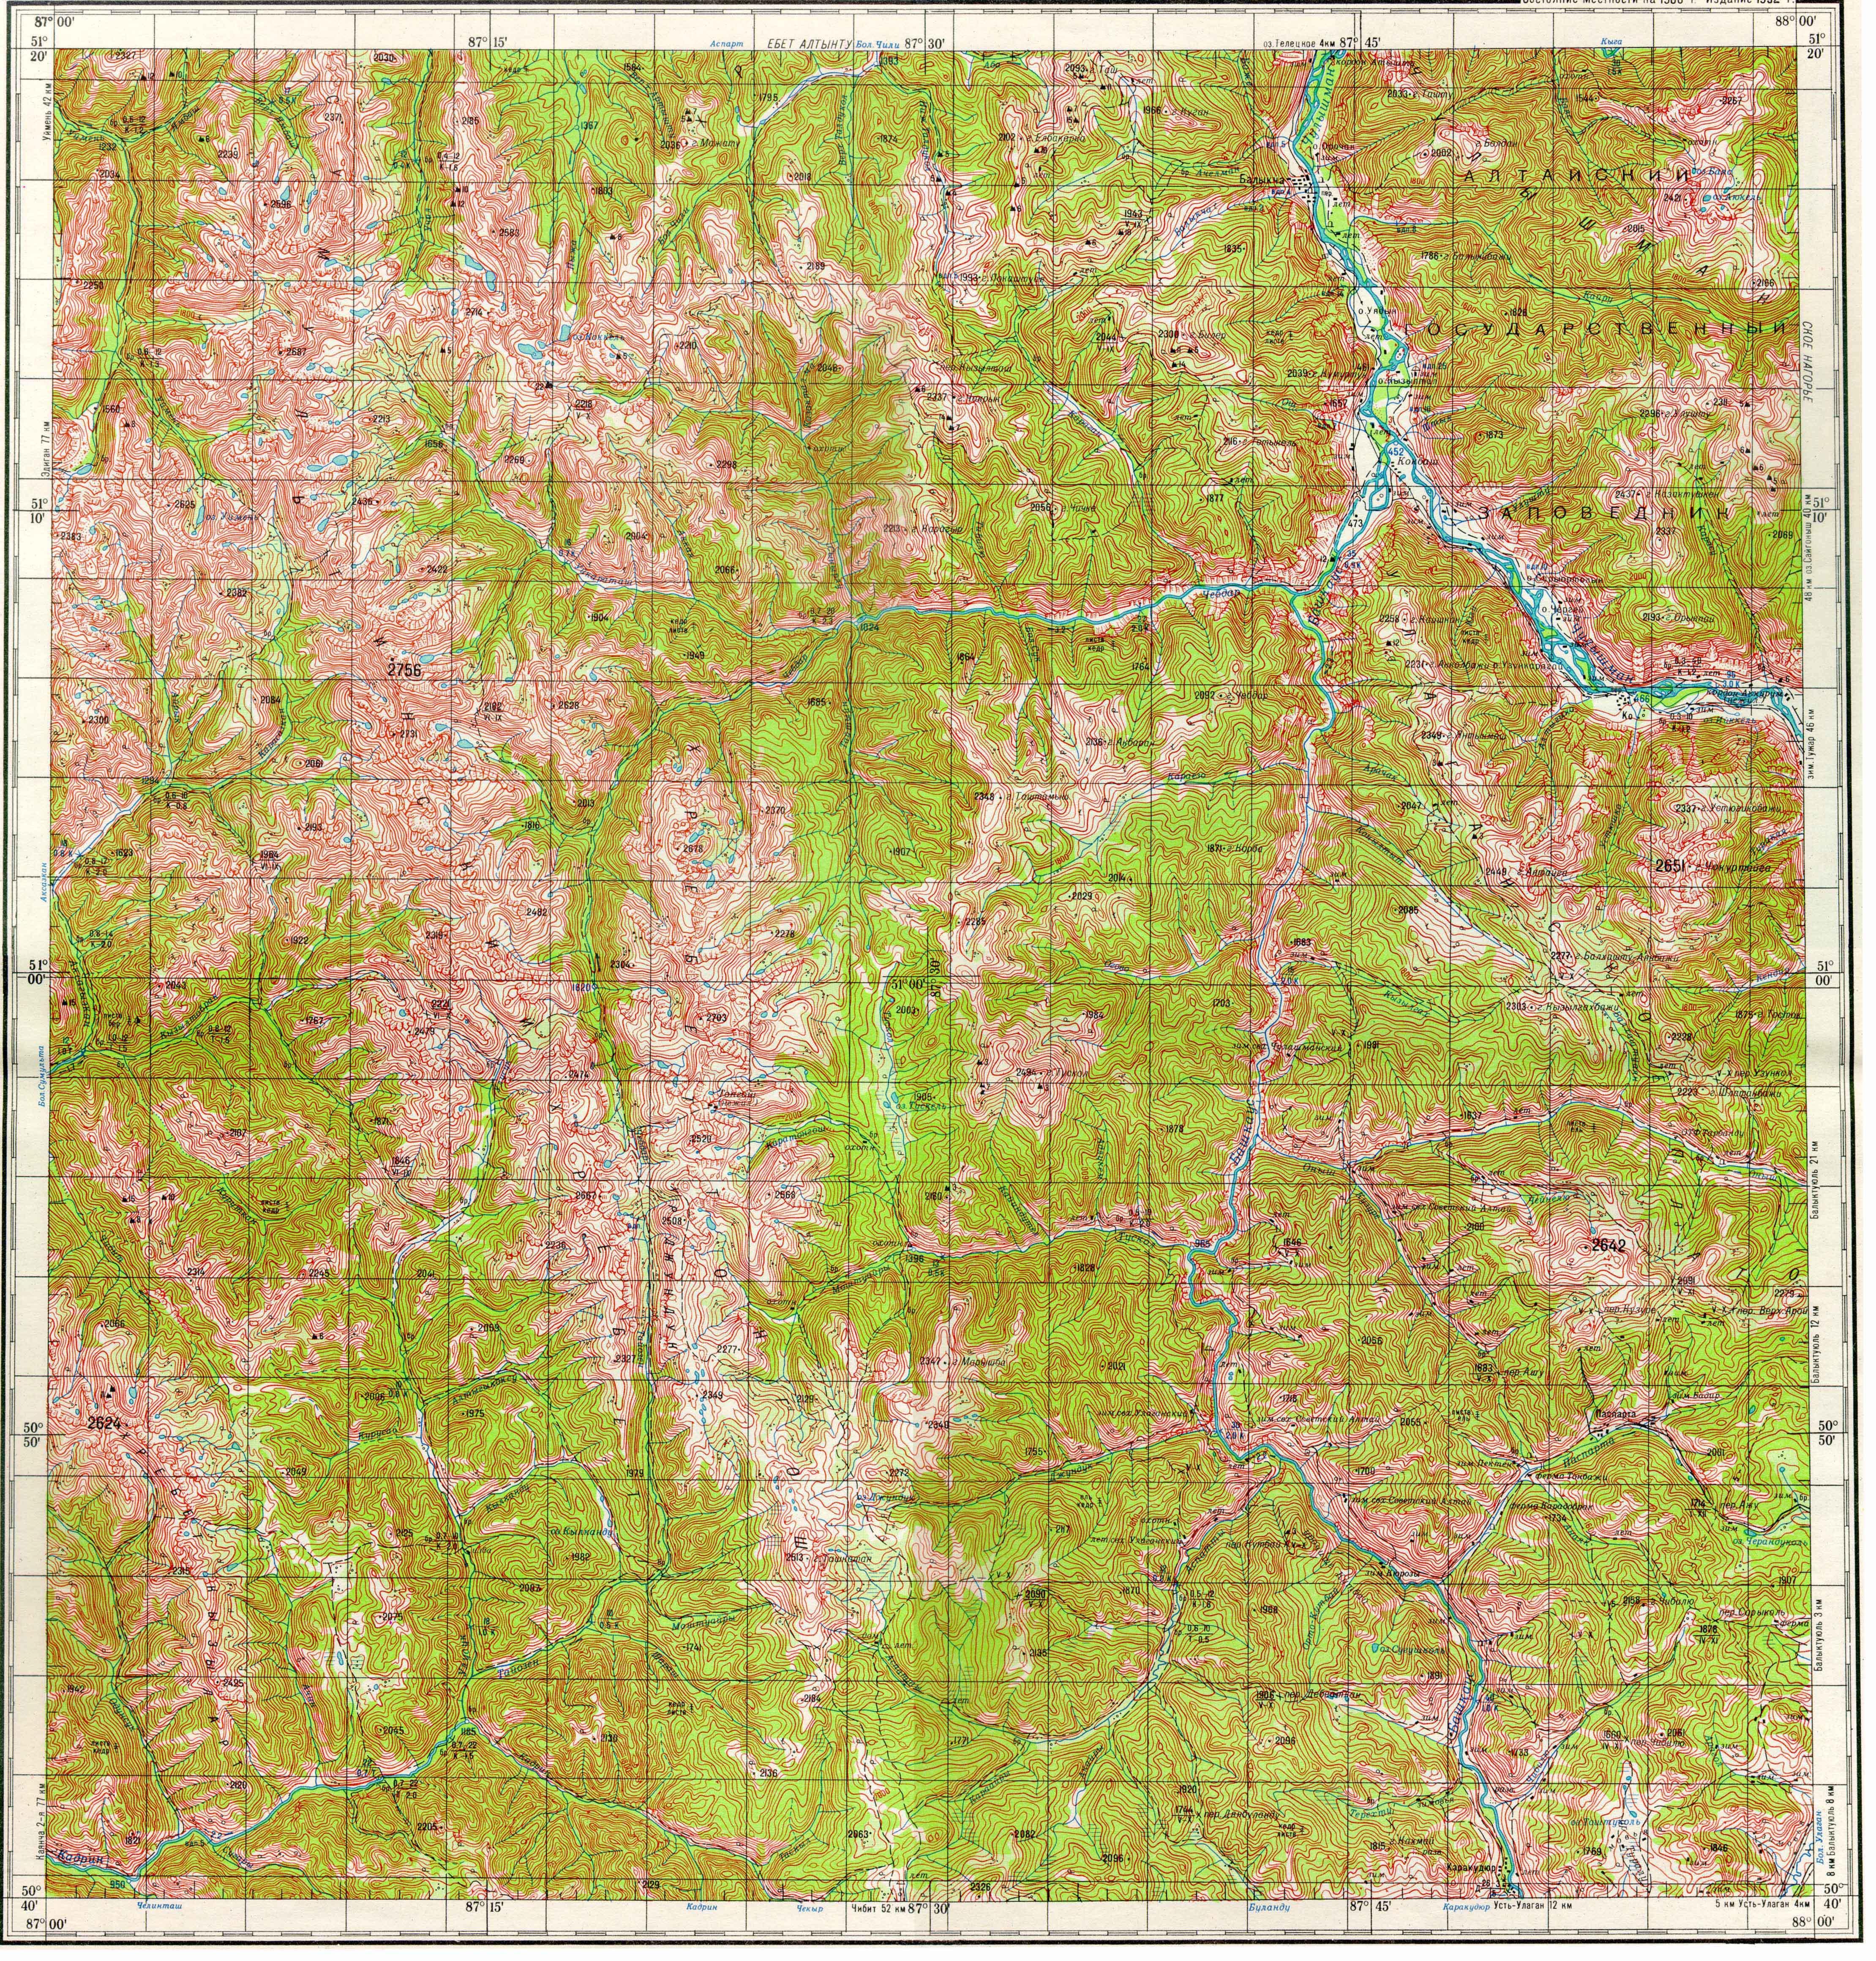 Скачать карту m-45-10 (3685 Kb)